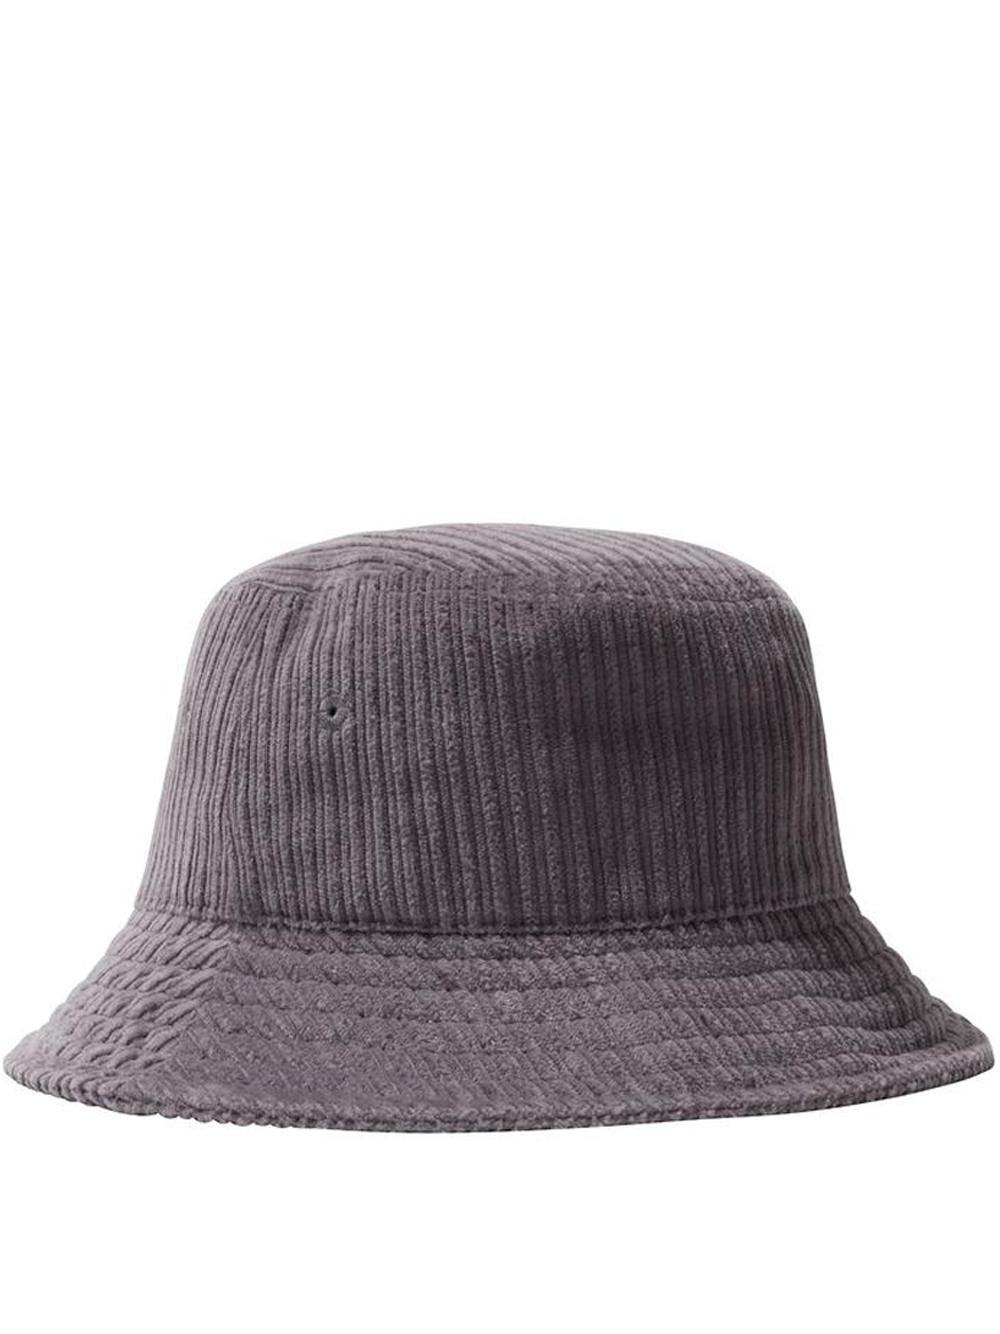 cappello bucket unisex lavanda in cotone STUSSY | Cappelli | 1321051LAVENDER